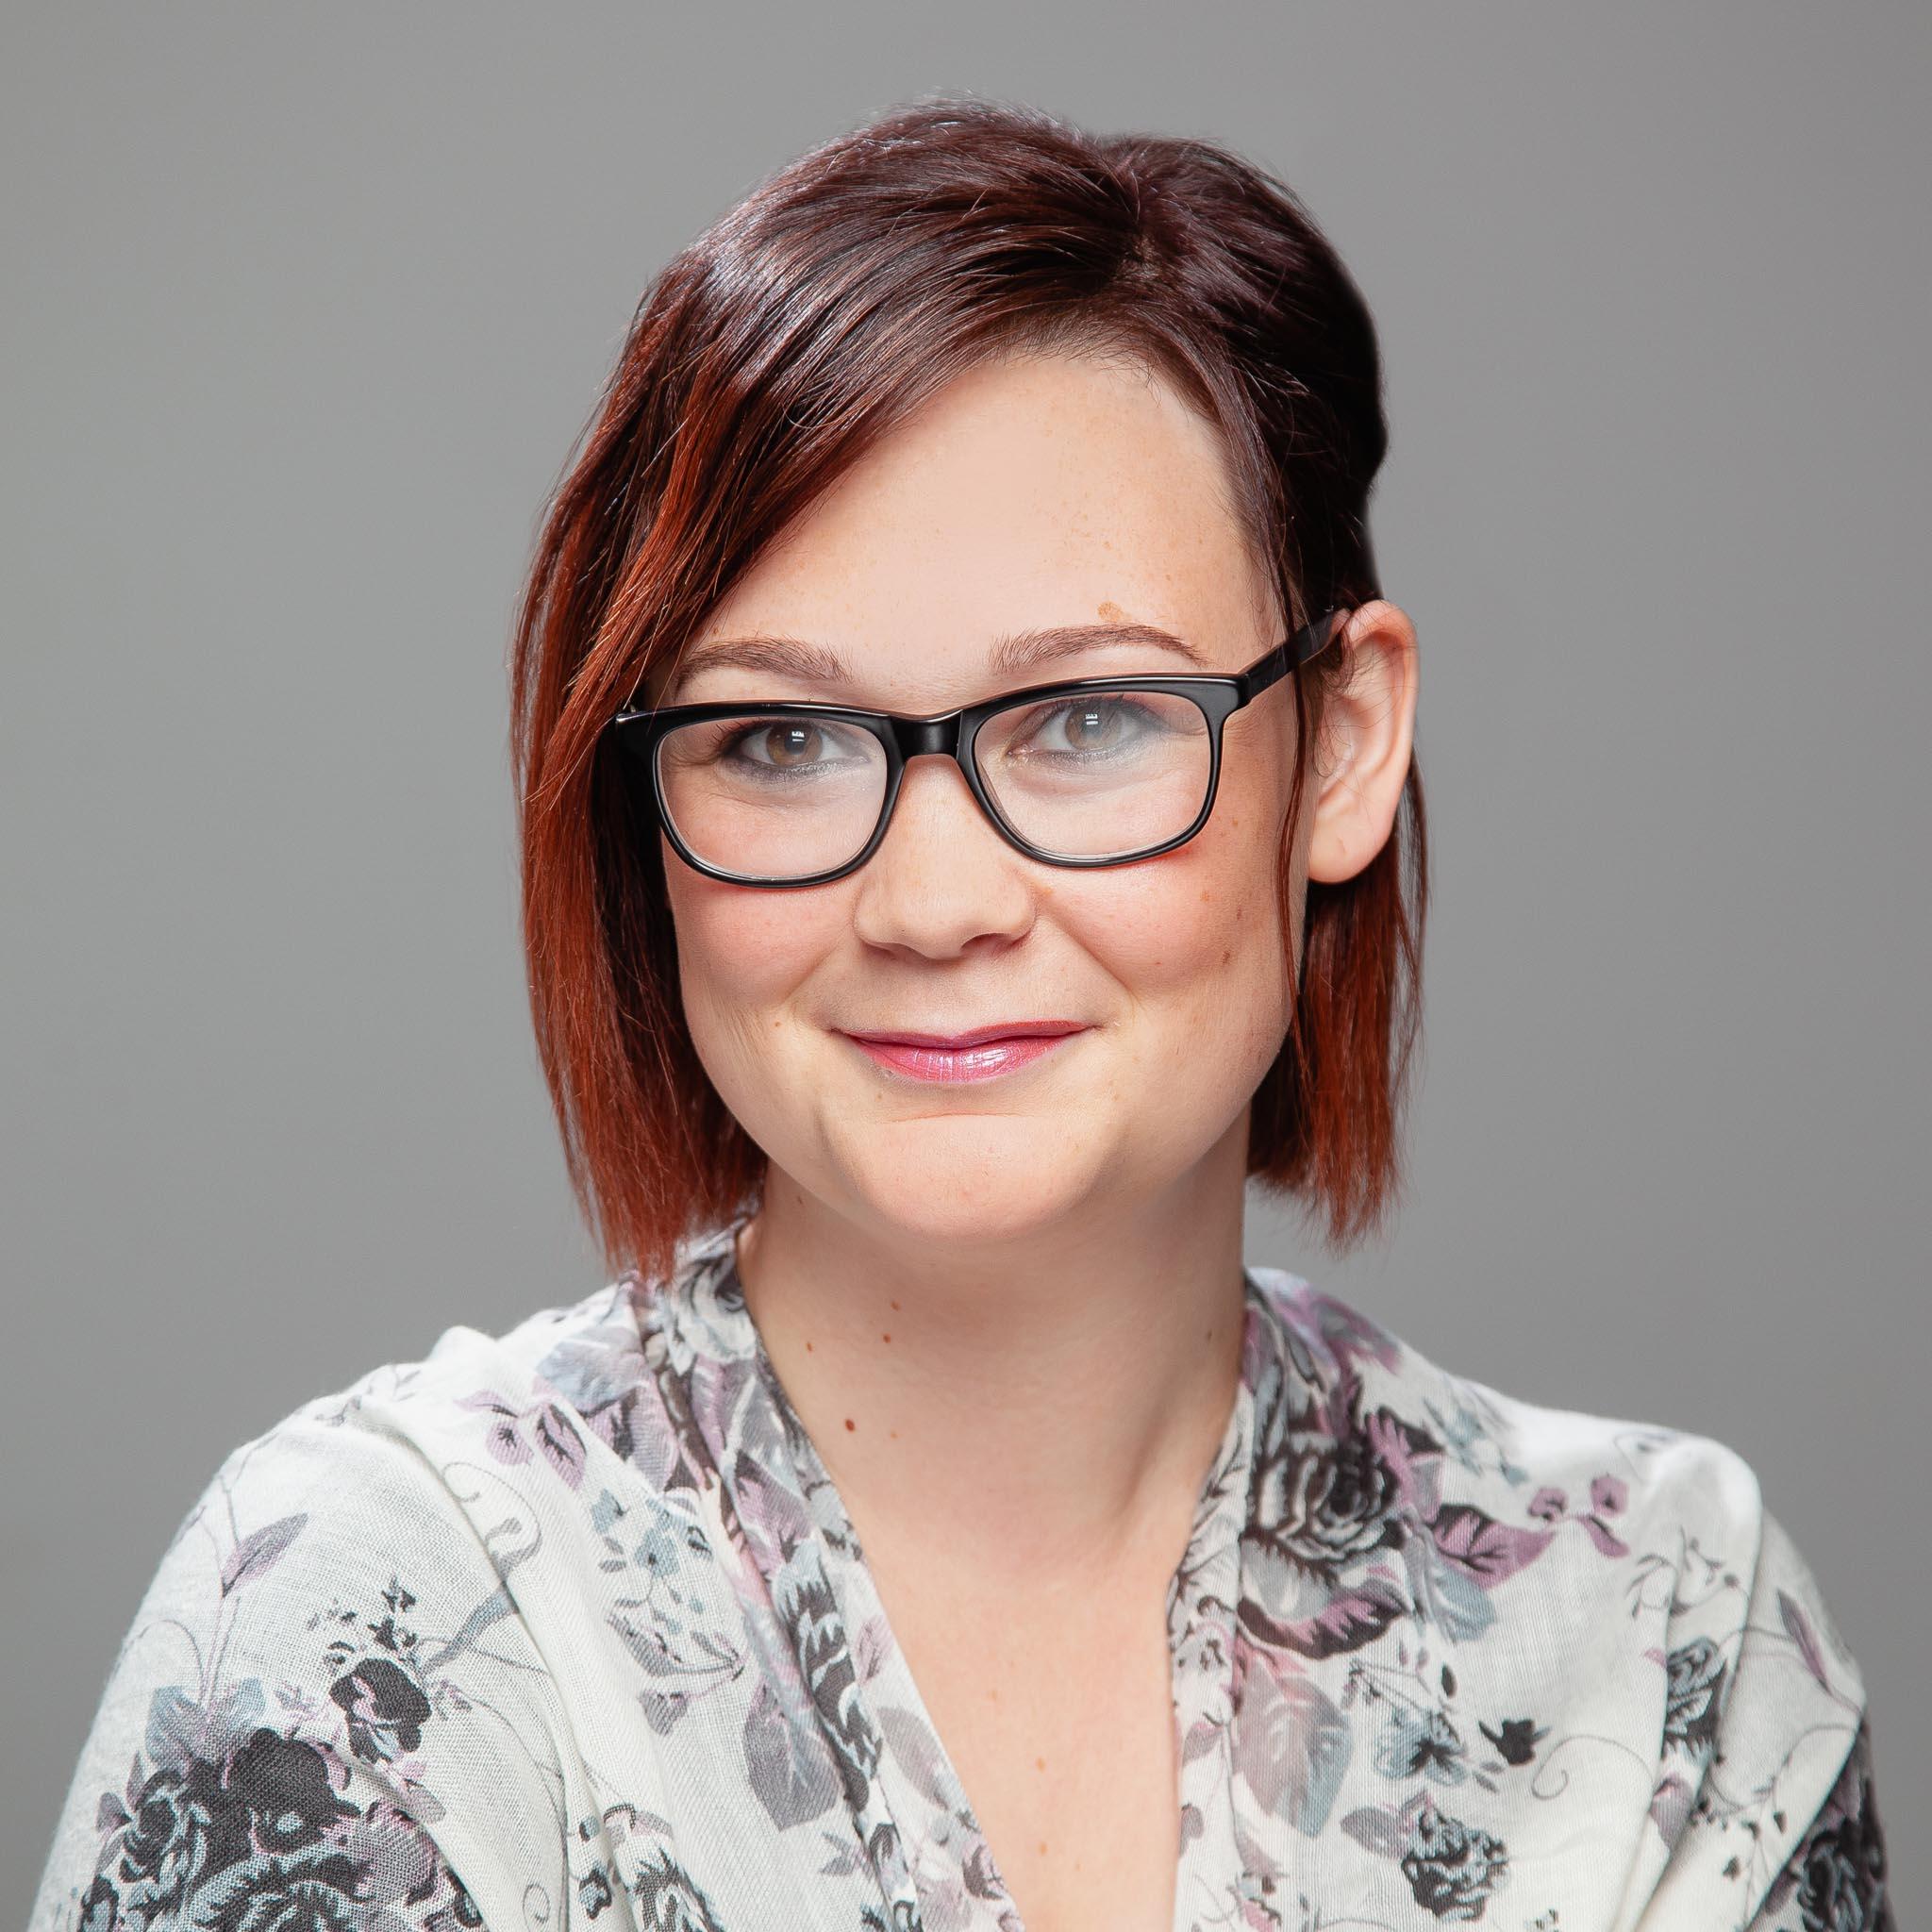 Erika Wiley